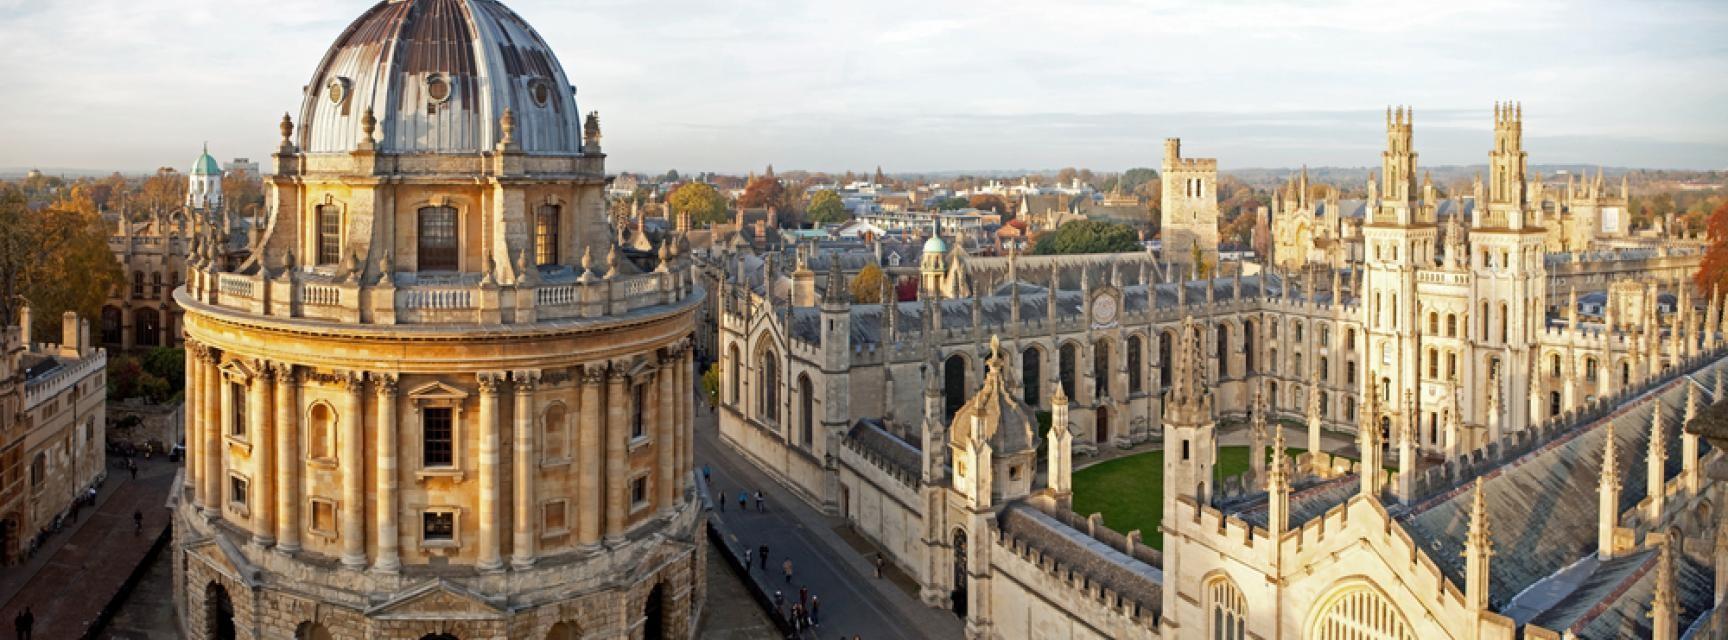 Universidade de Oxford (Estados Unidos)